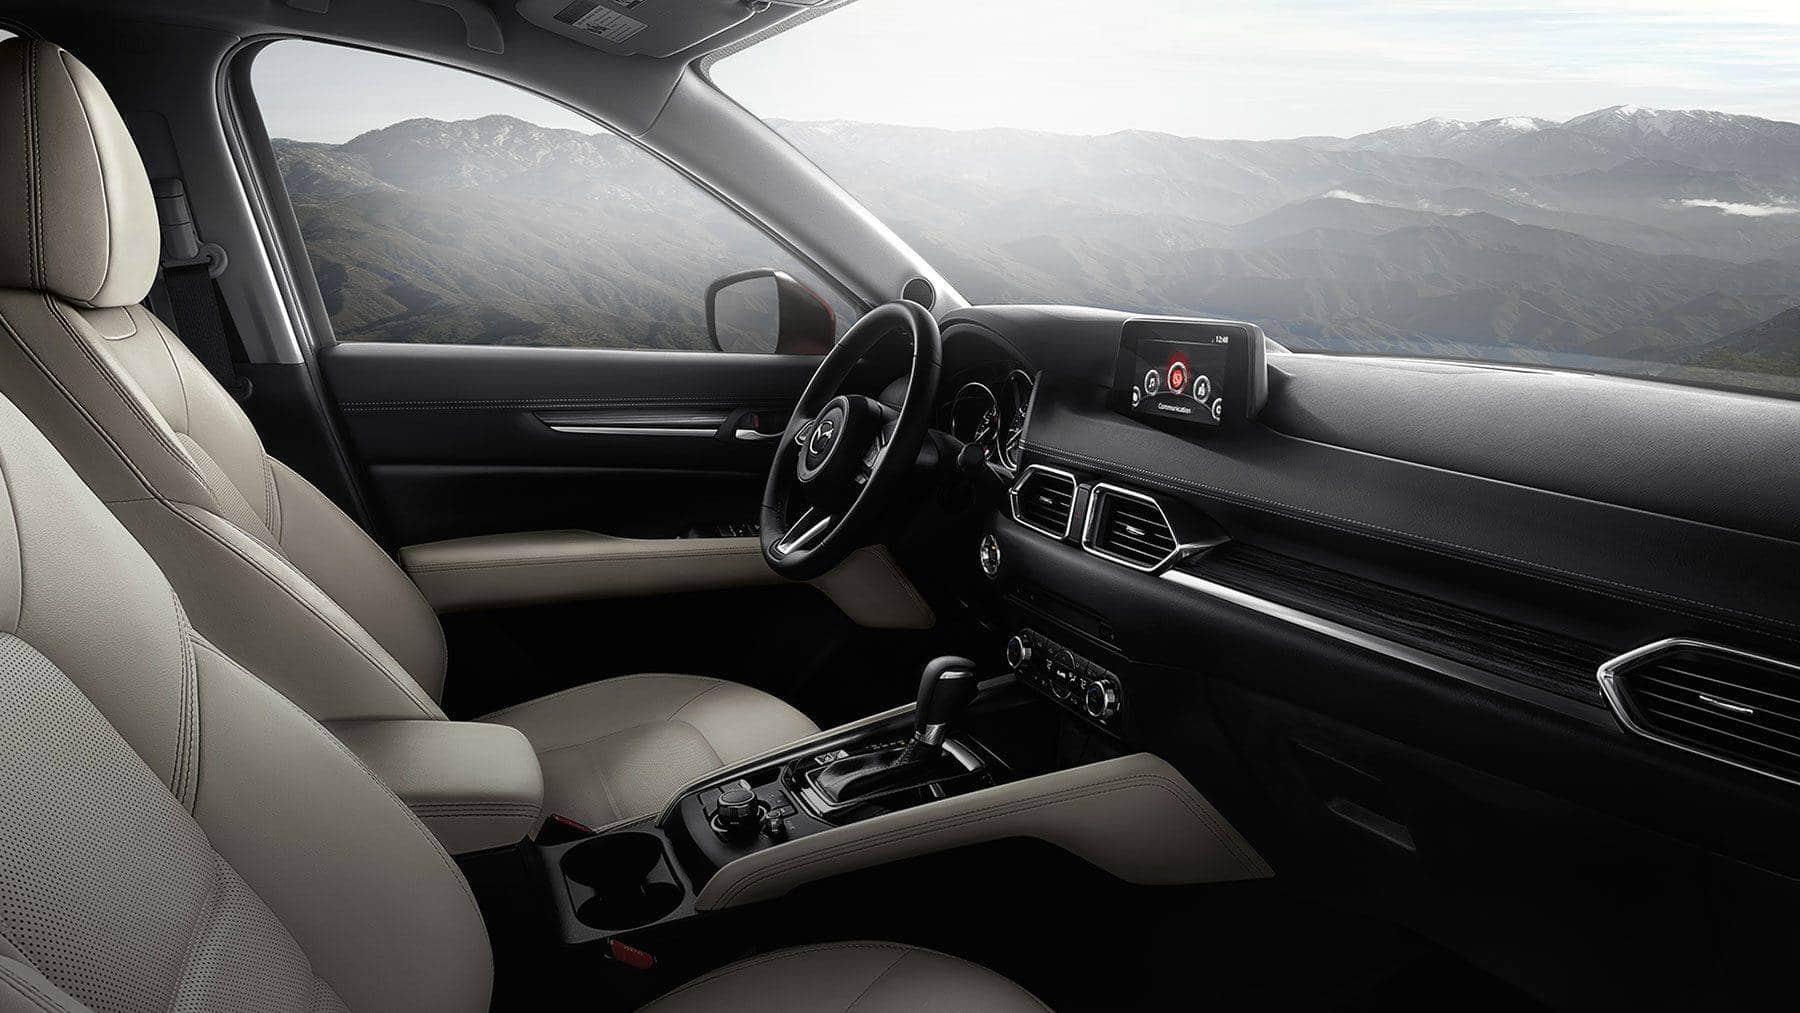 2018-mazda-cx-5-interior-view - ZAK Auto Leasing